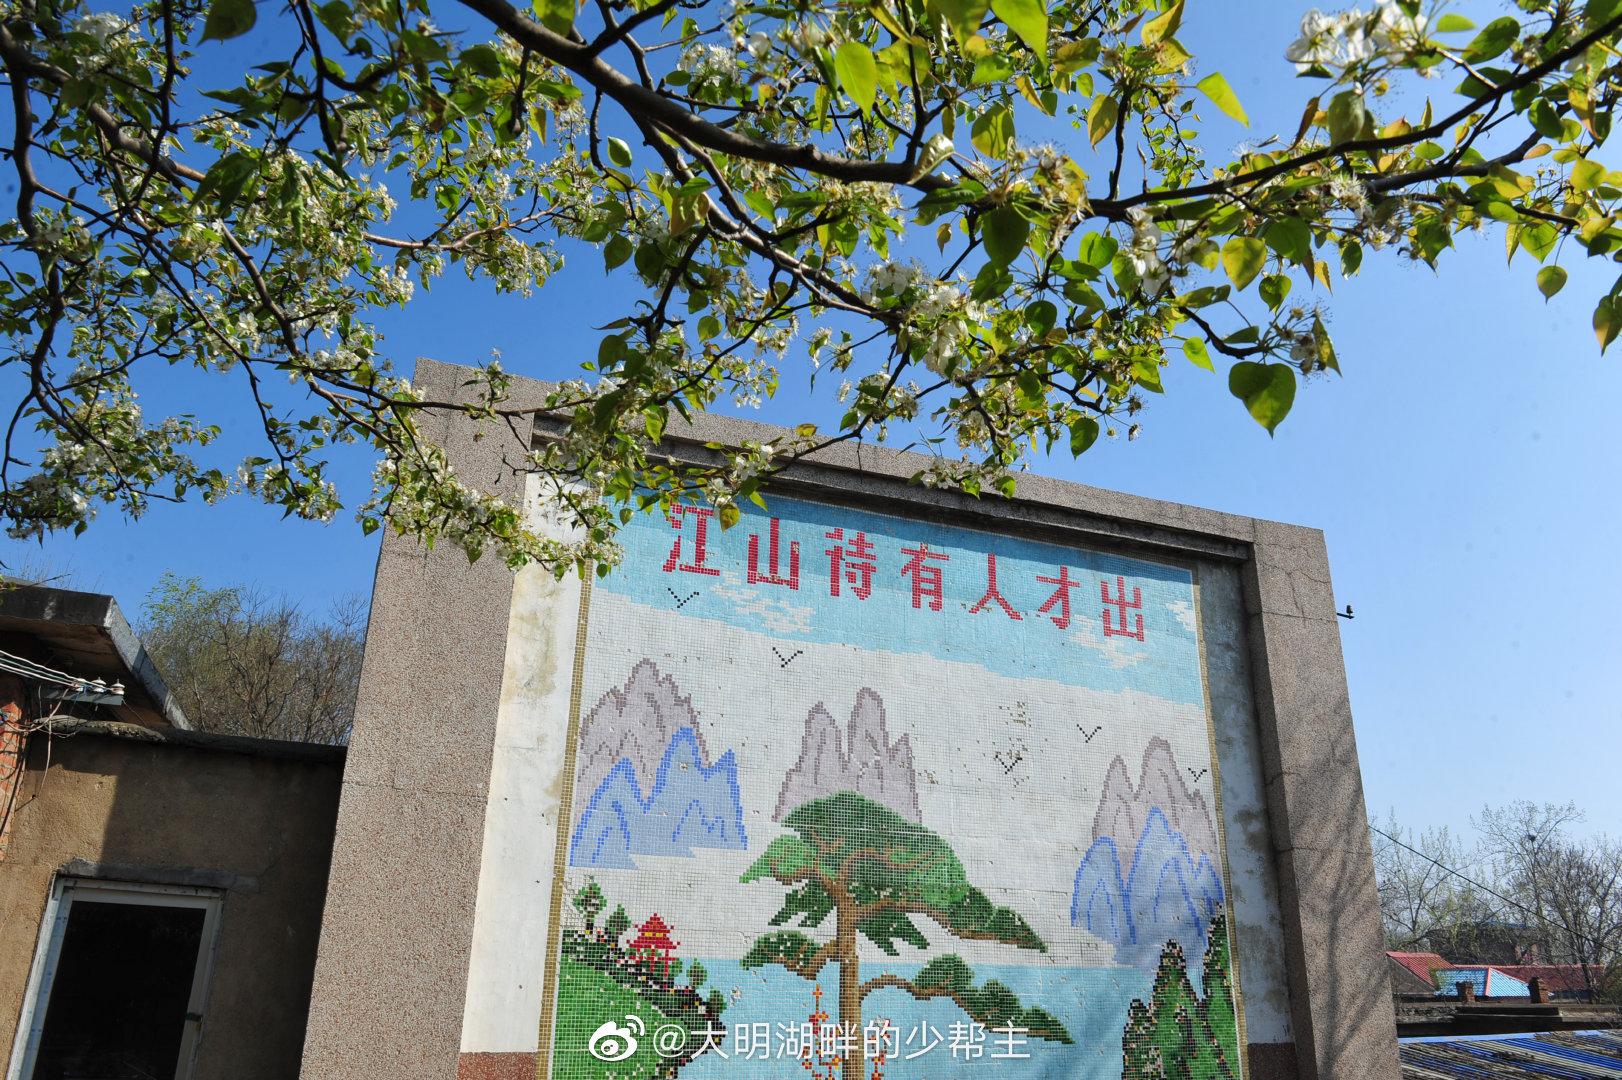 野百合也有春天,作为济南市首家残疾人文化产业培训就业基地